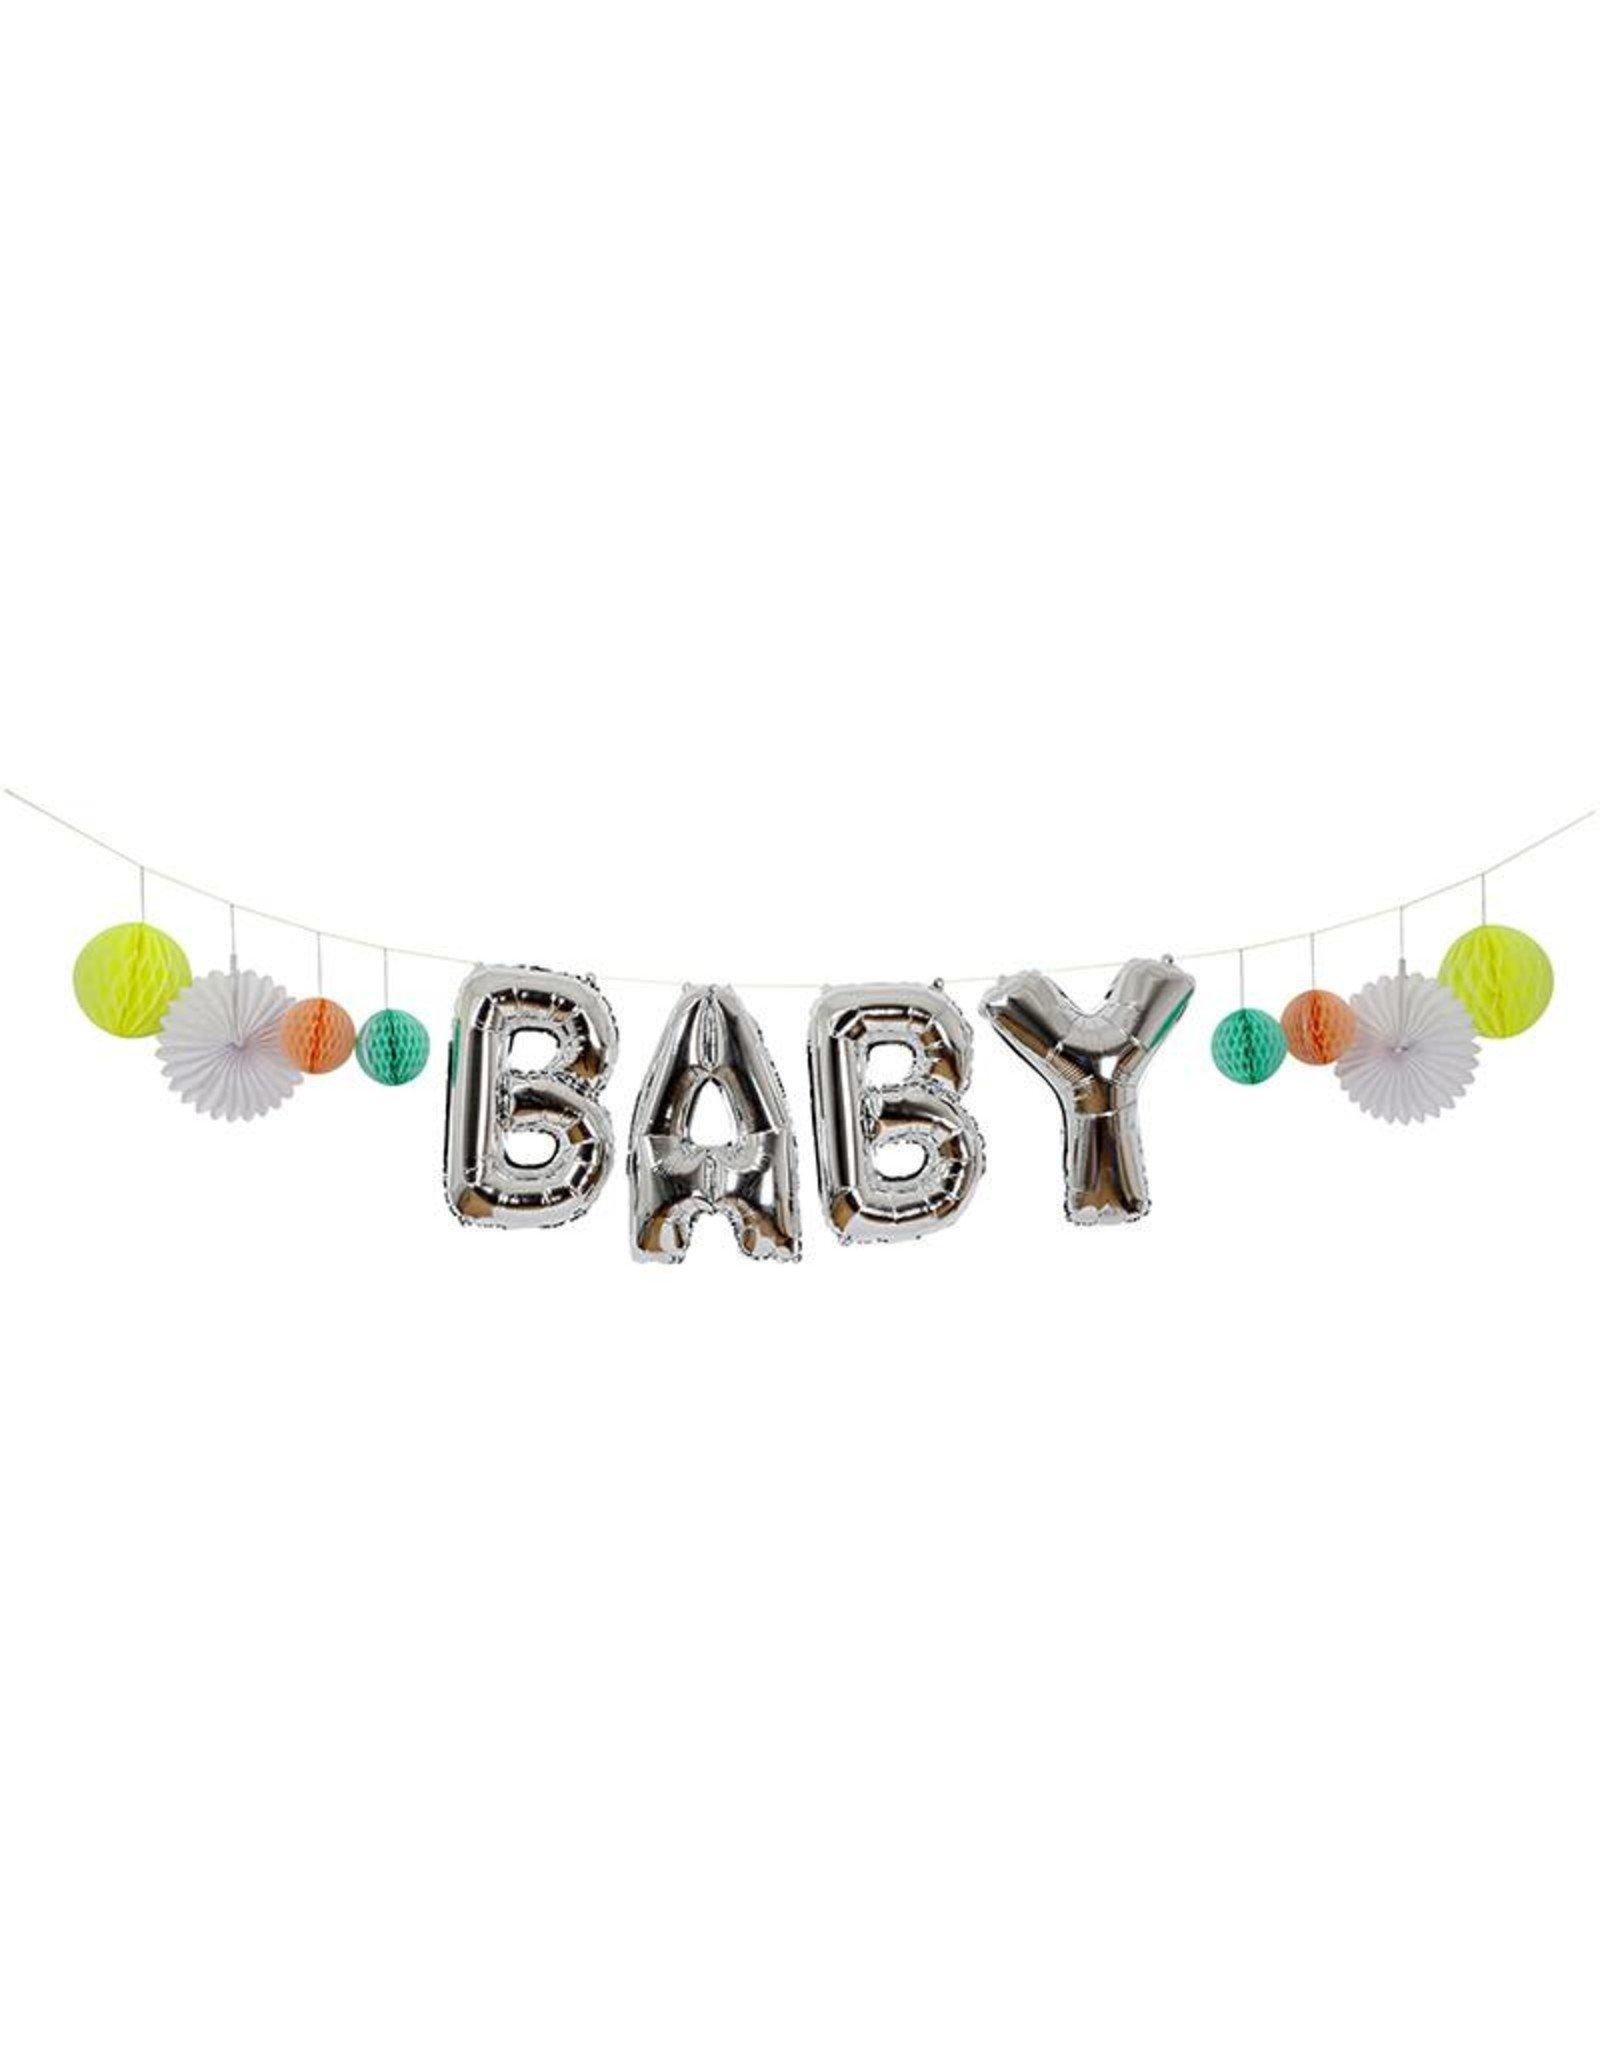 Meri Meri Meri Meri baby balloon garland kit